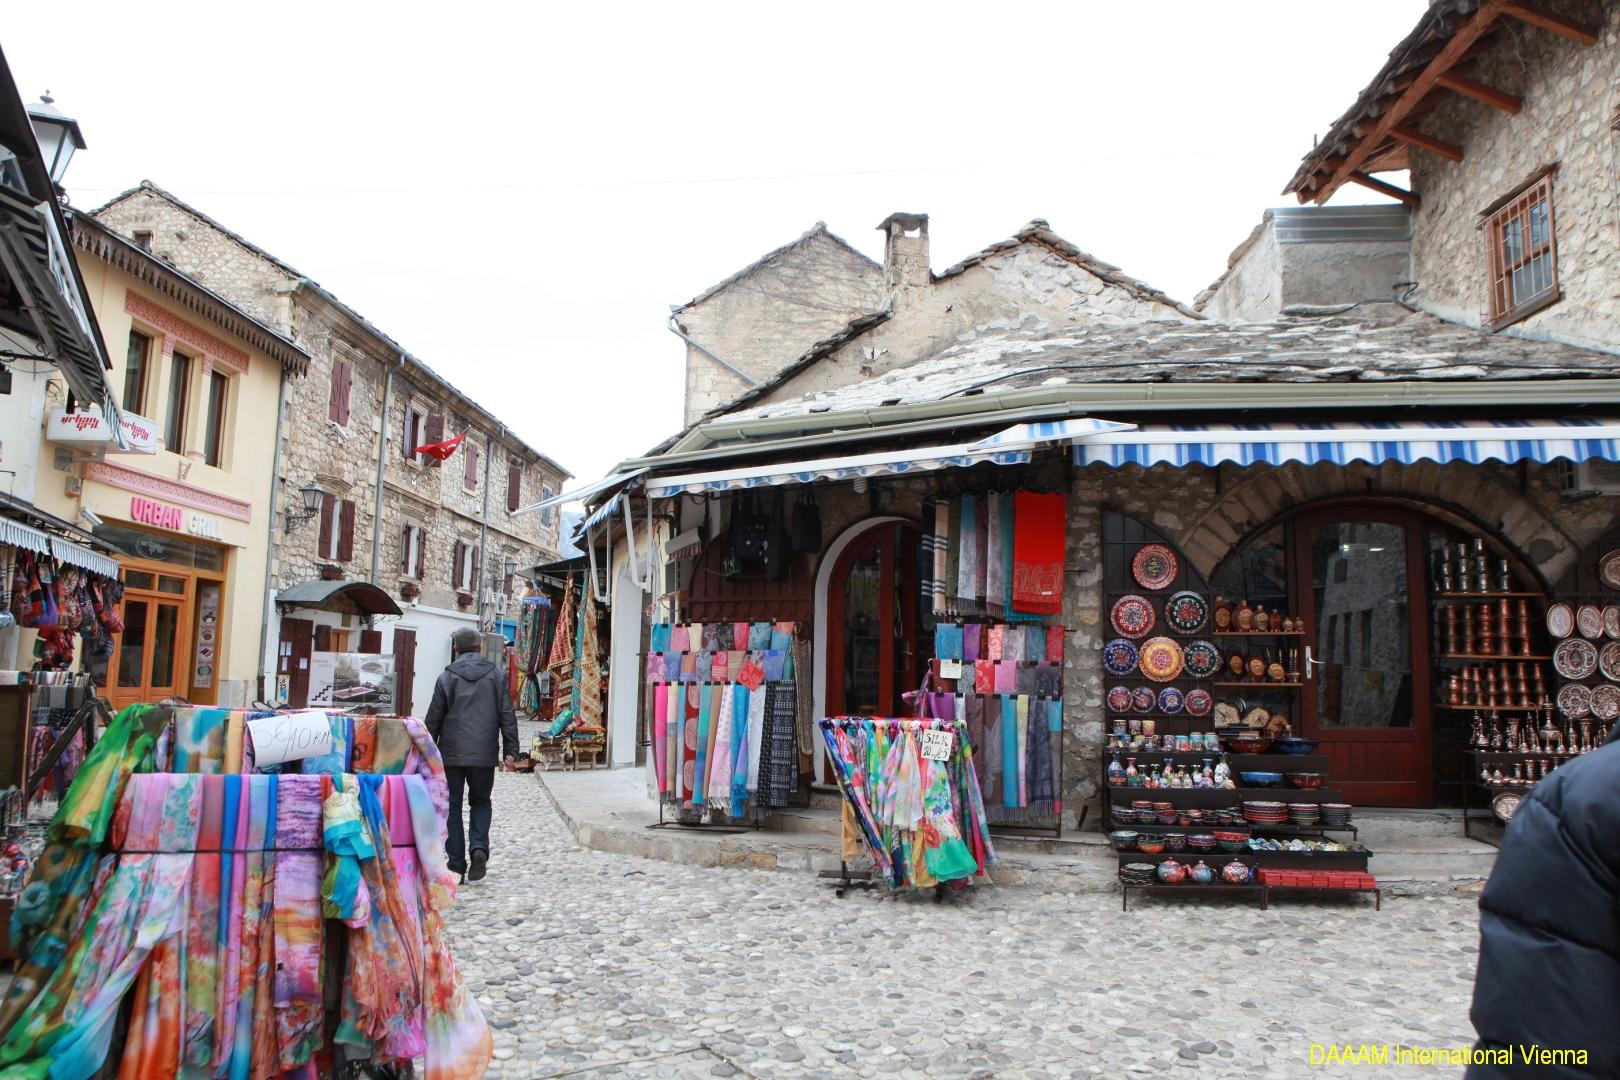 DAAAM_2016_Mostar_01_Magic_City_of_Mostar_170